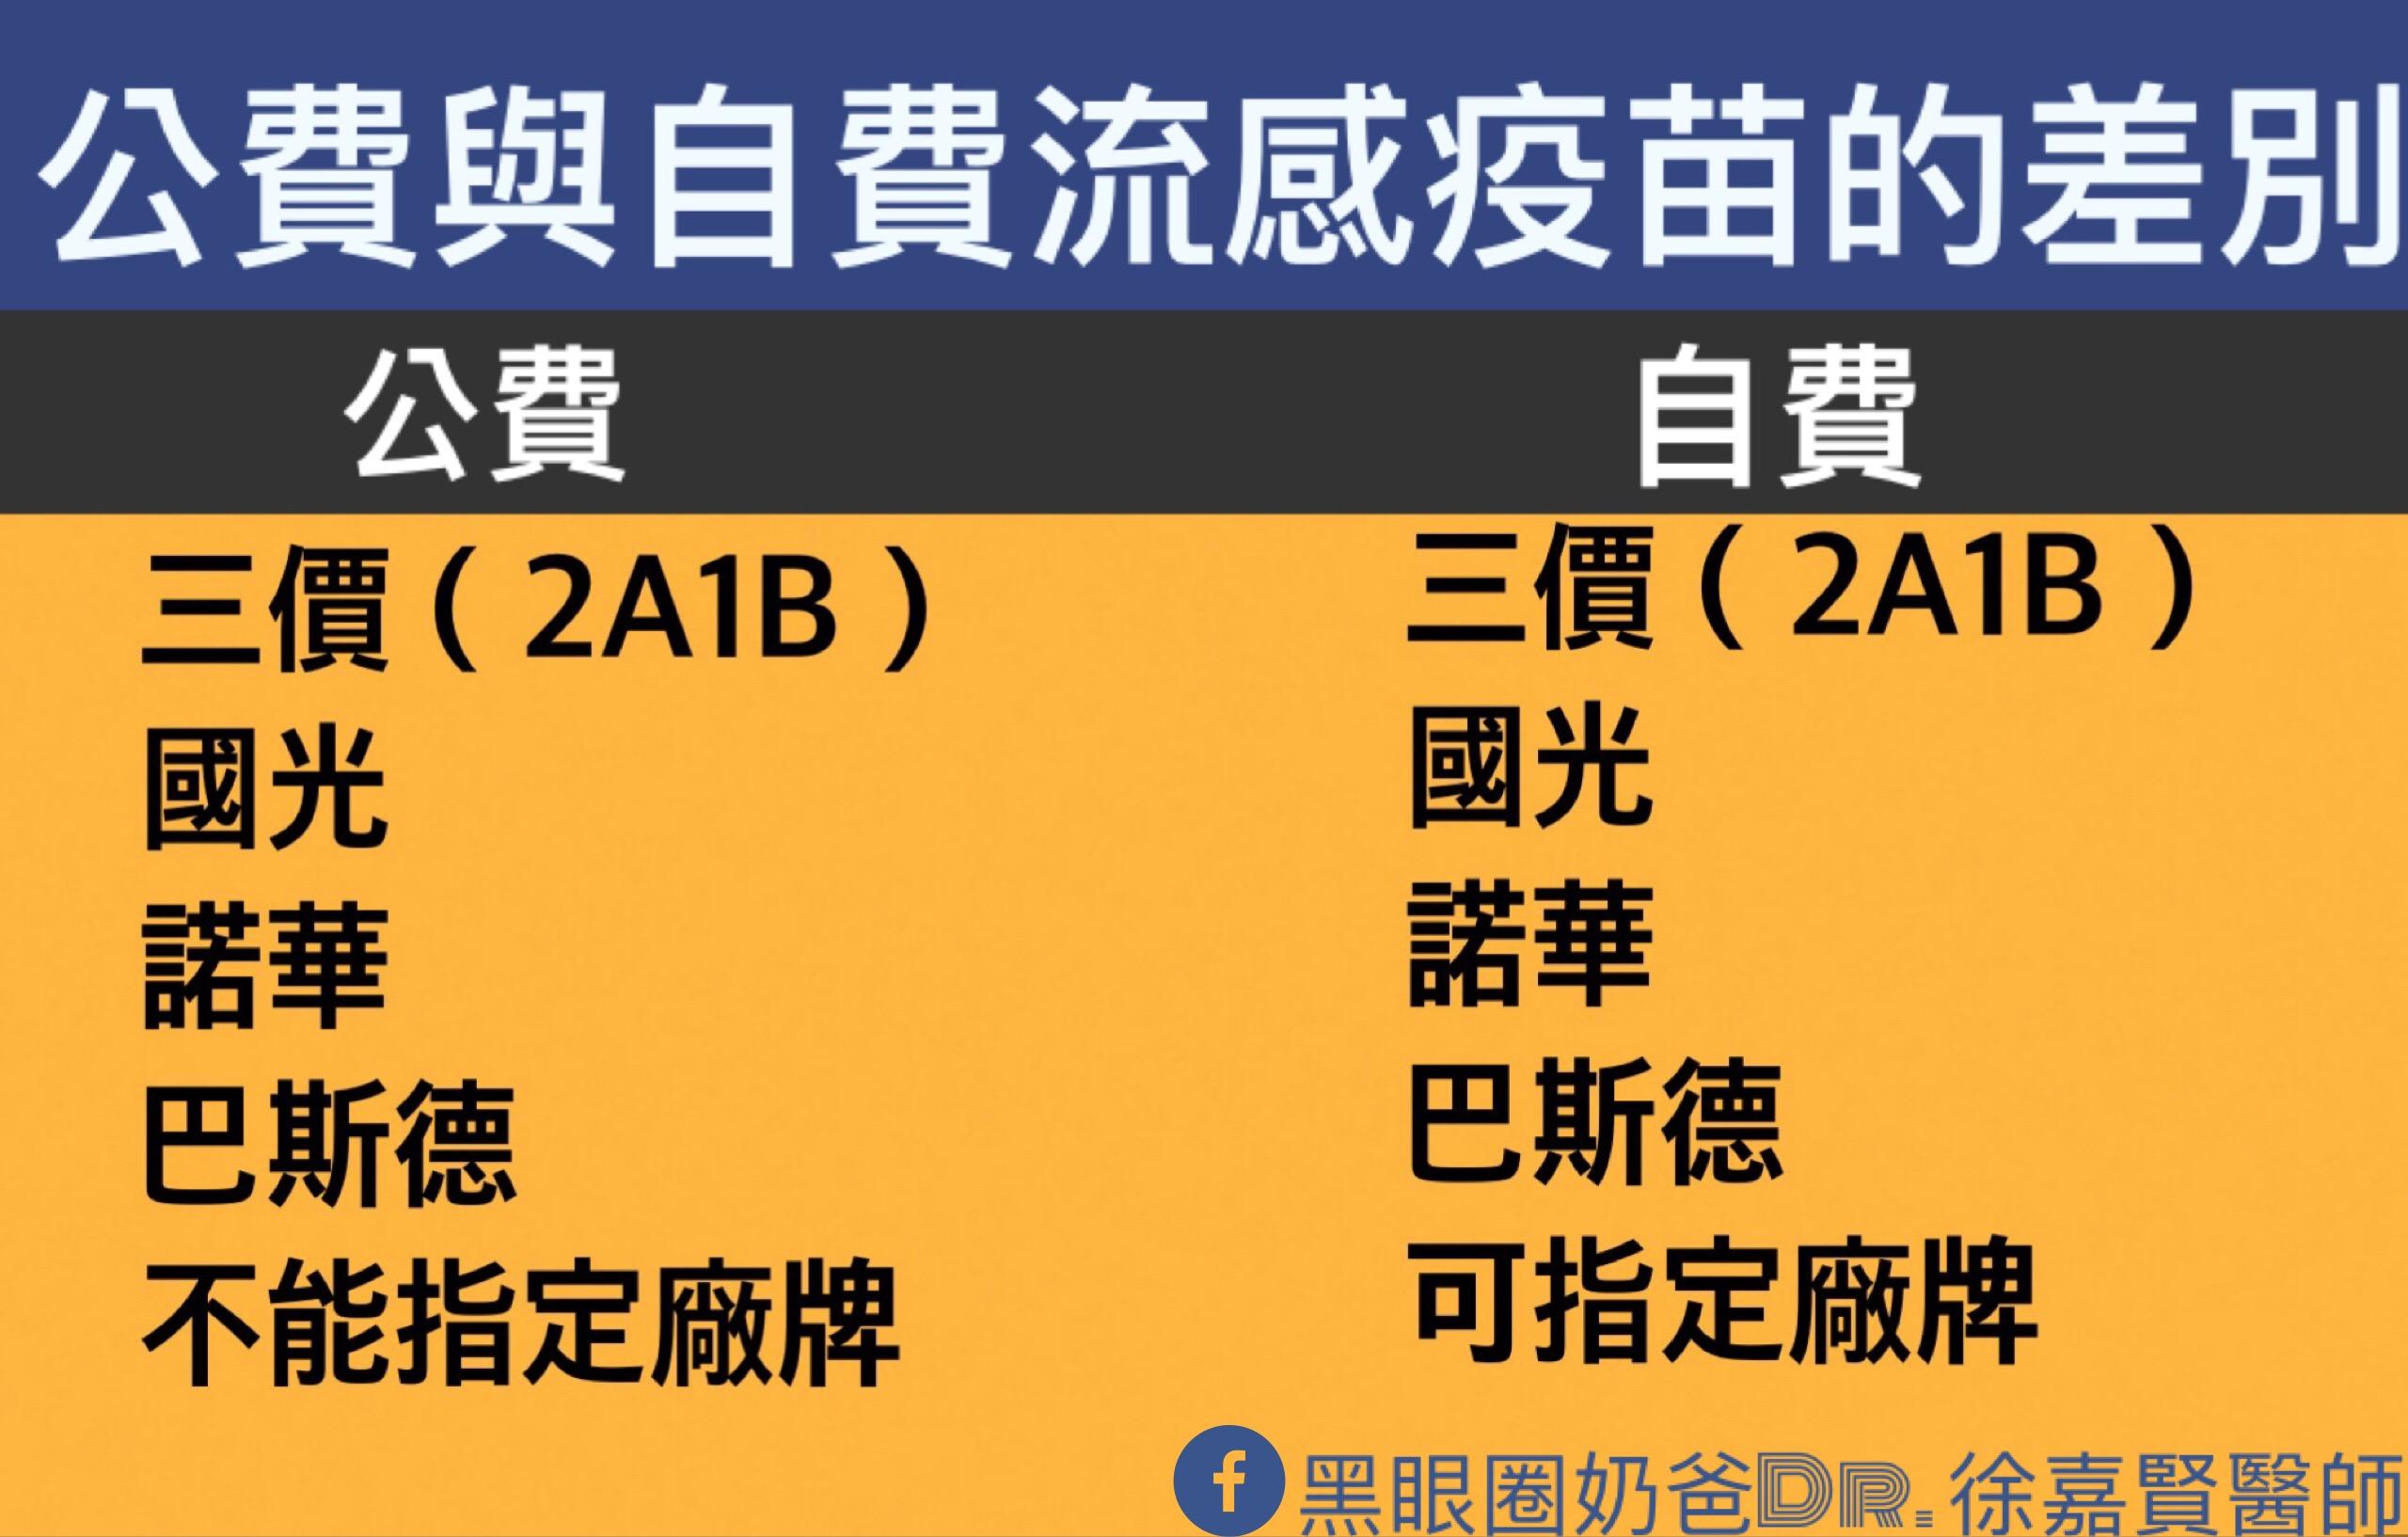 公費流感疫苗與自費疫苗的差別 | 黑眼圈奶爸Dr. 徐嘉賢醫師